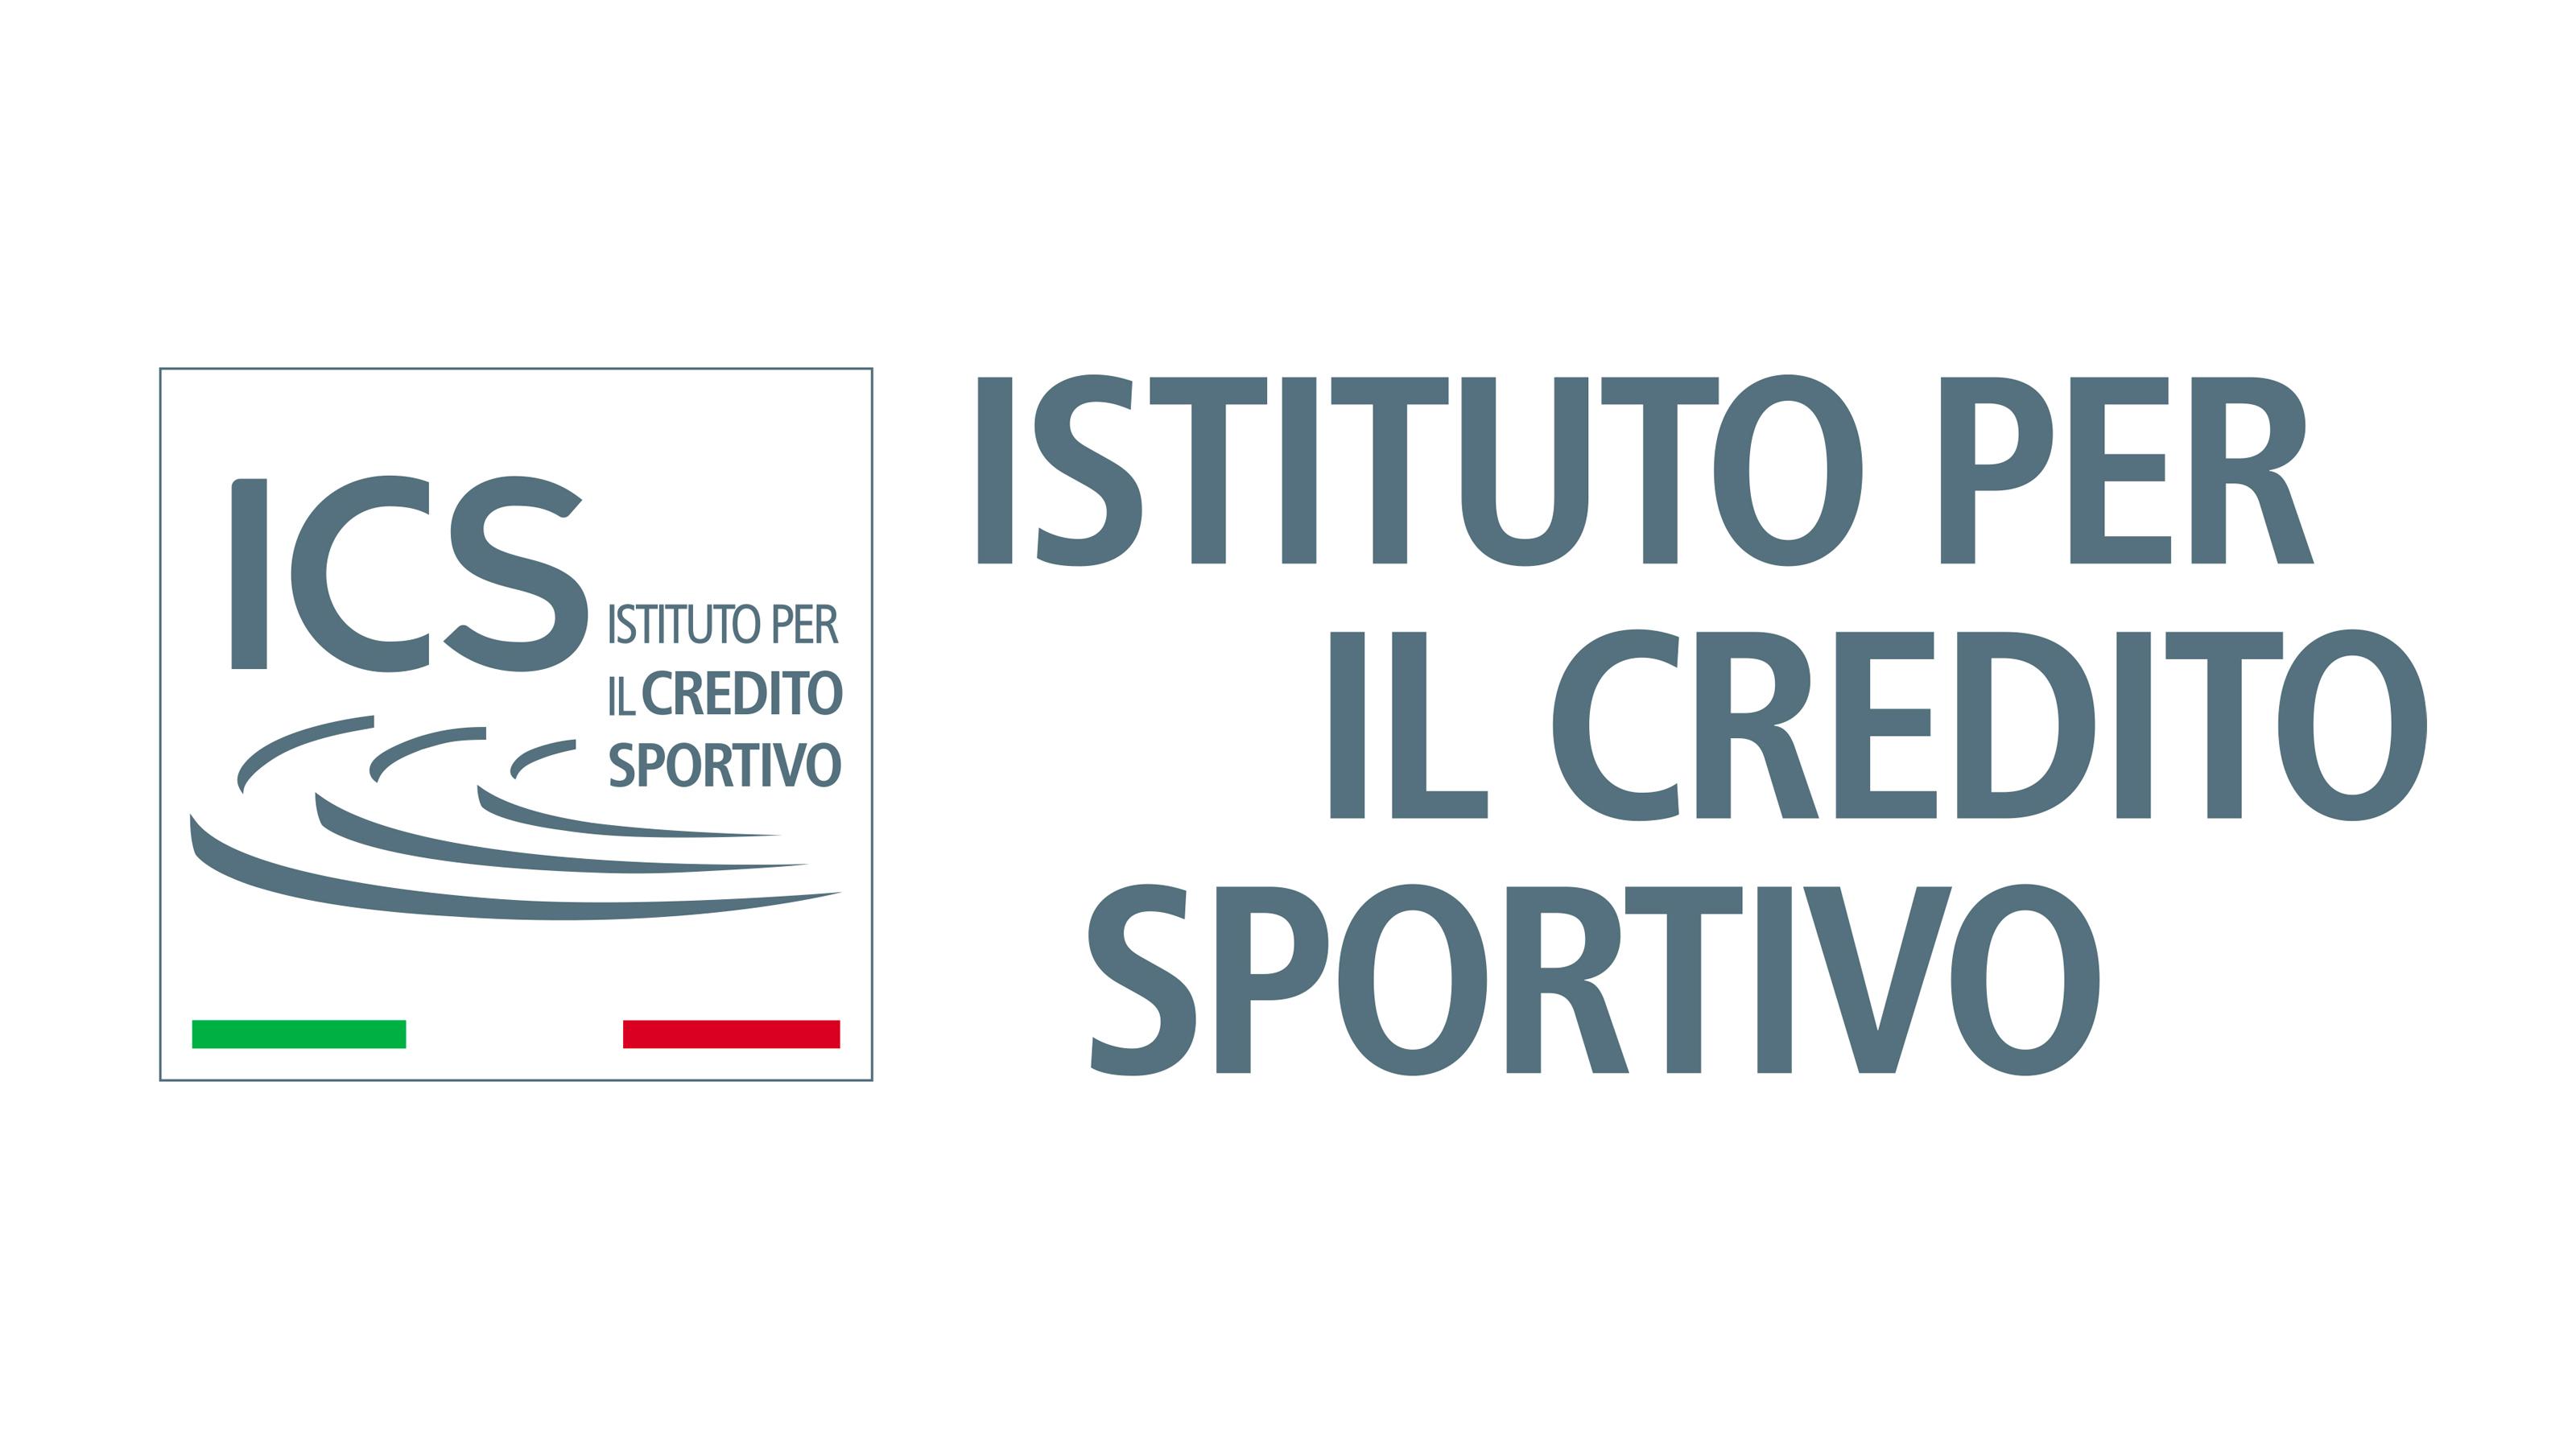 Cento milioni di euro per finanziare impianti sportivi pubblici, tramite Credito Sportivo